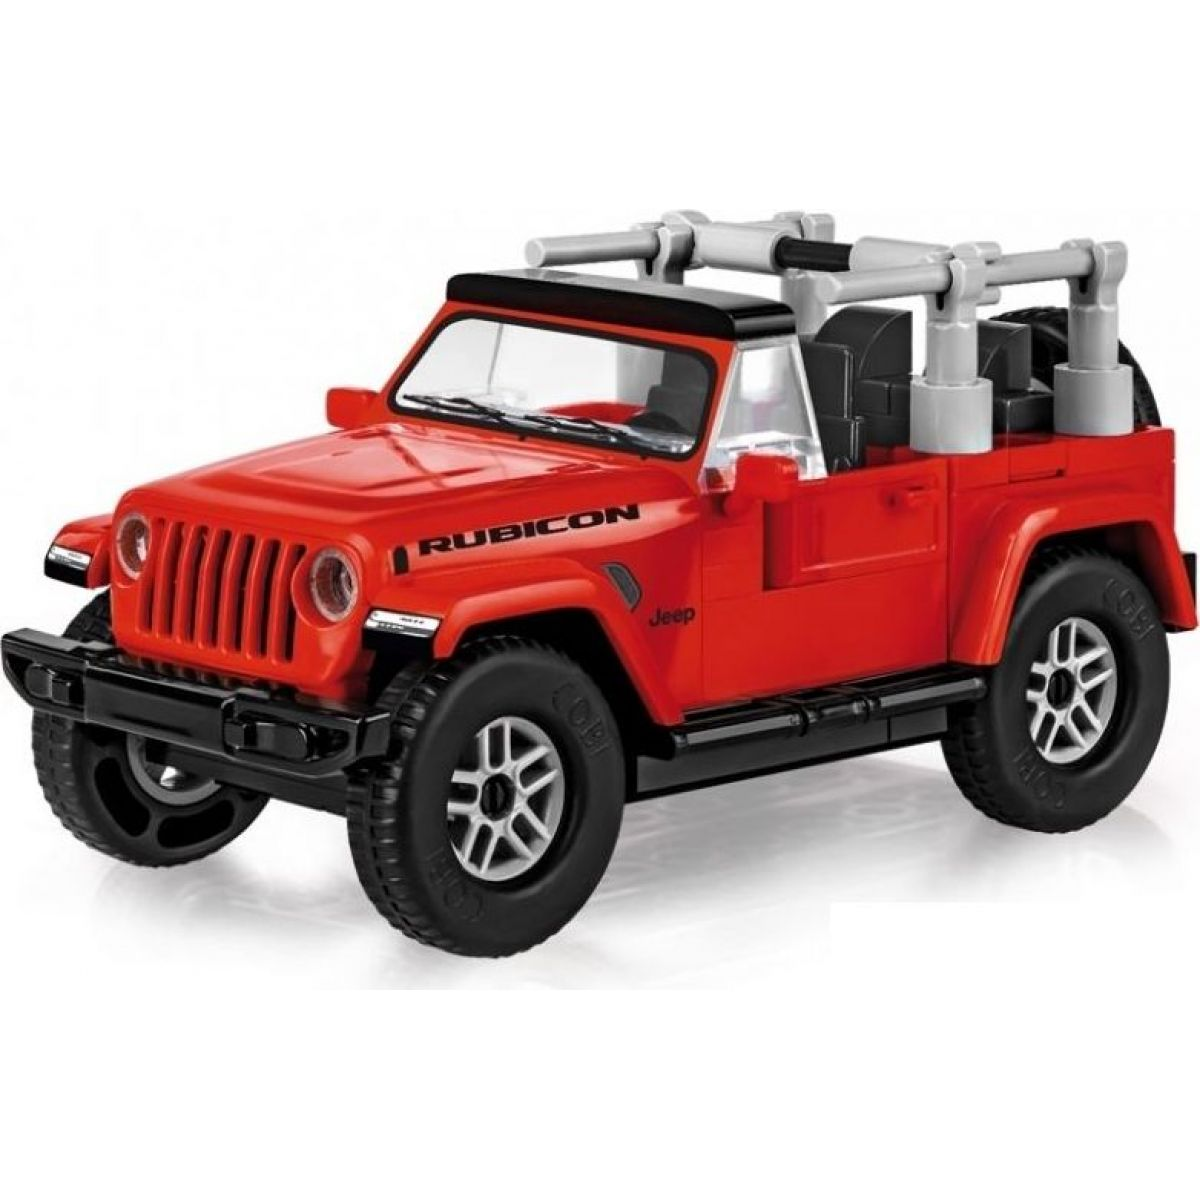 Cobi 24114 Small Army Jeep Wrangler Rubicon 1:35, červený, 94 k